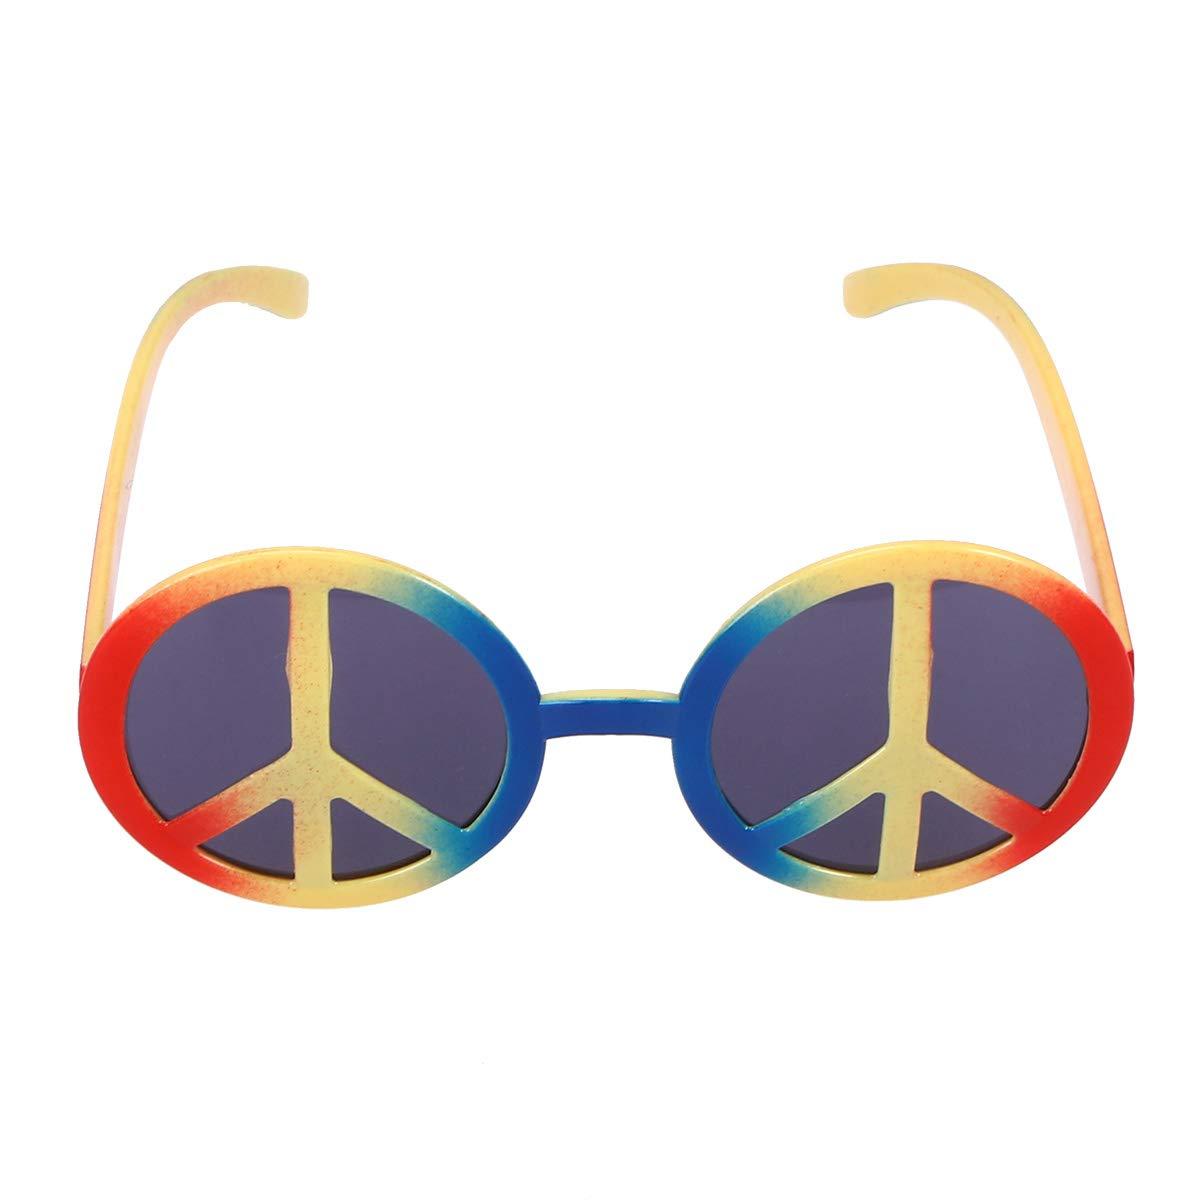 BESTOYARD Lustige Tanzparty Make-up Antikriegszeichen Brille Brillen fü r Maskerade Halloween Party (Multicolor)